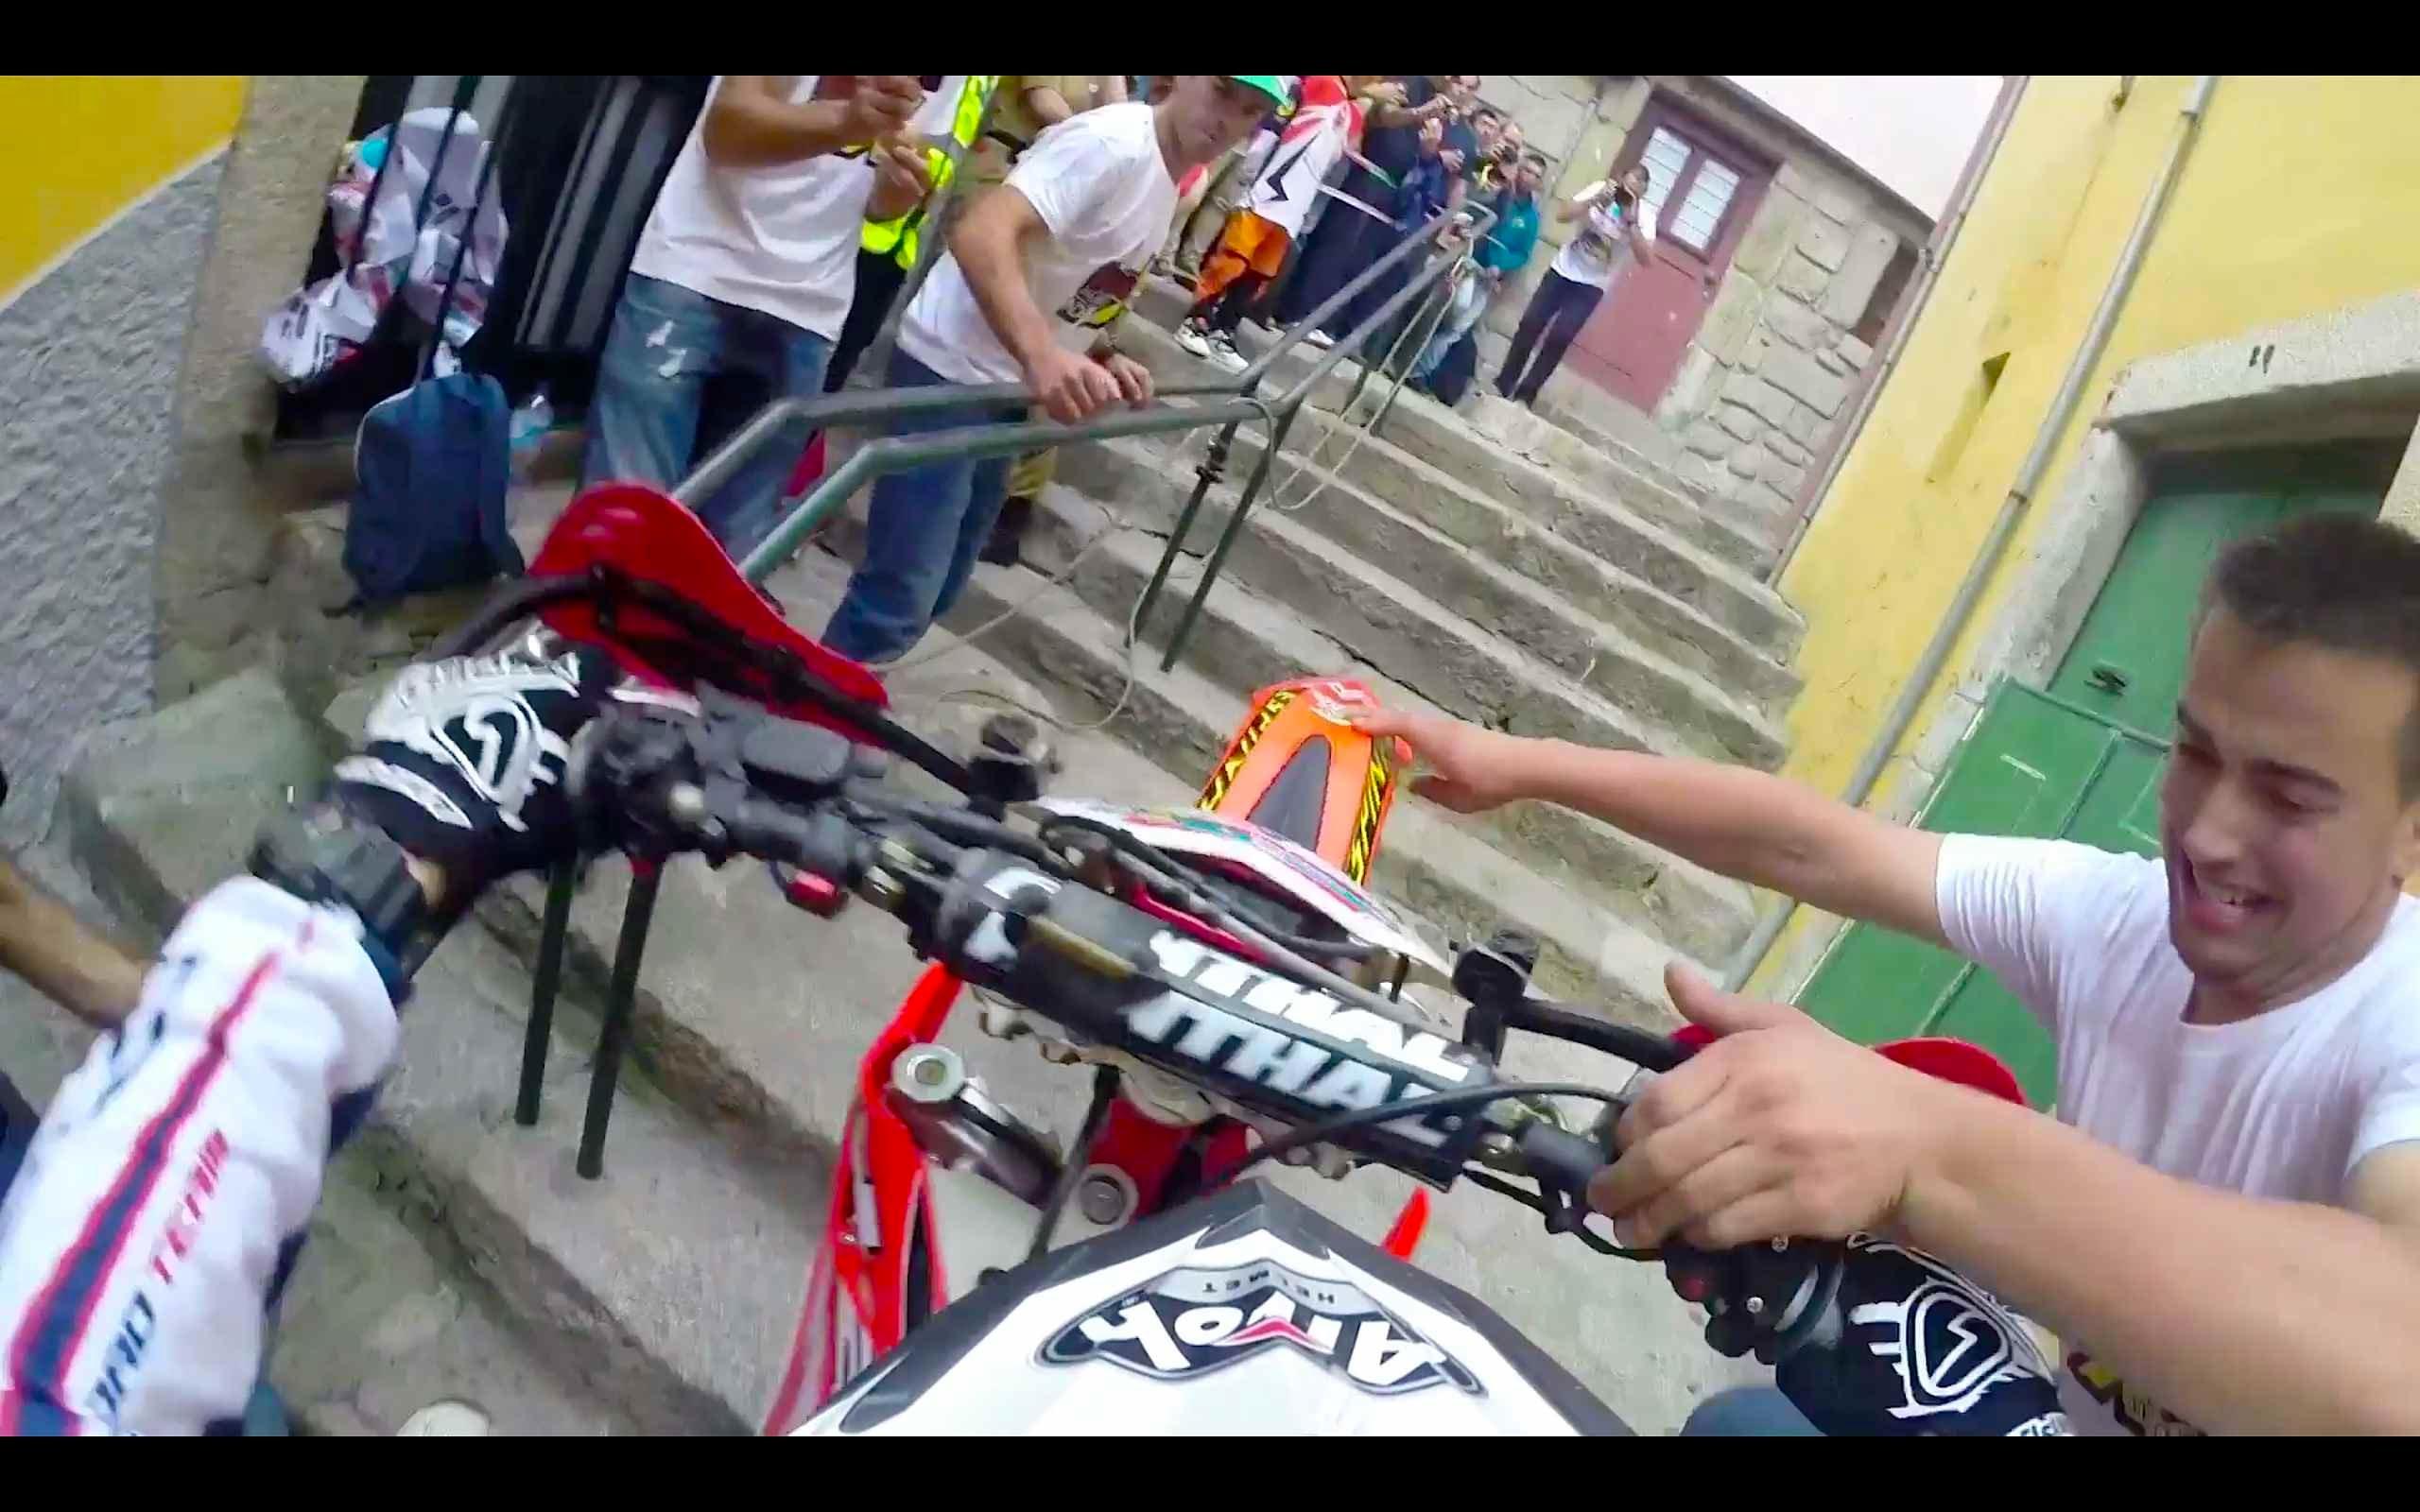 VIDEO – Kā ir neticamā ātrumā braukt ar moci cauri pilsētas centram!? (Extreme Enduro POV Race Through the City)